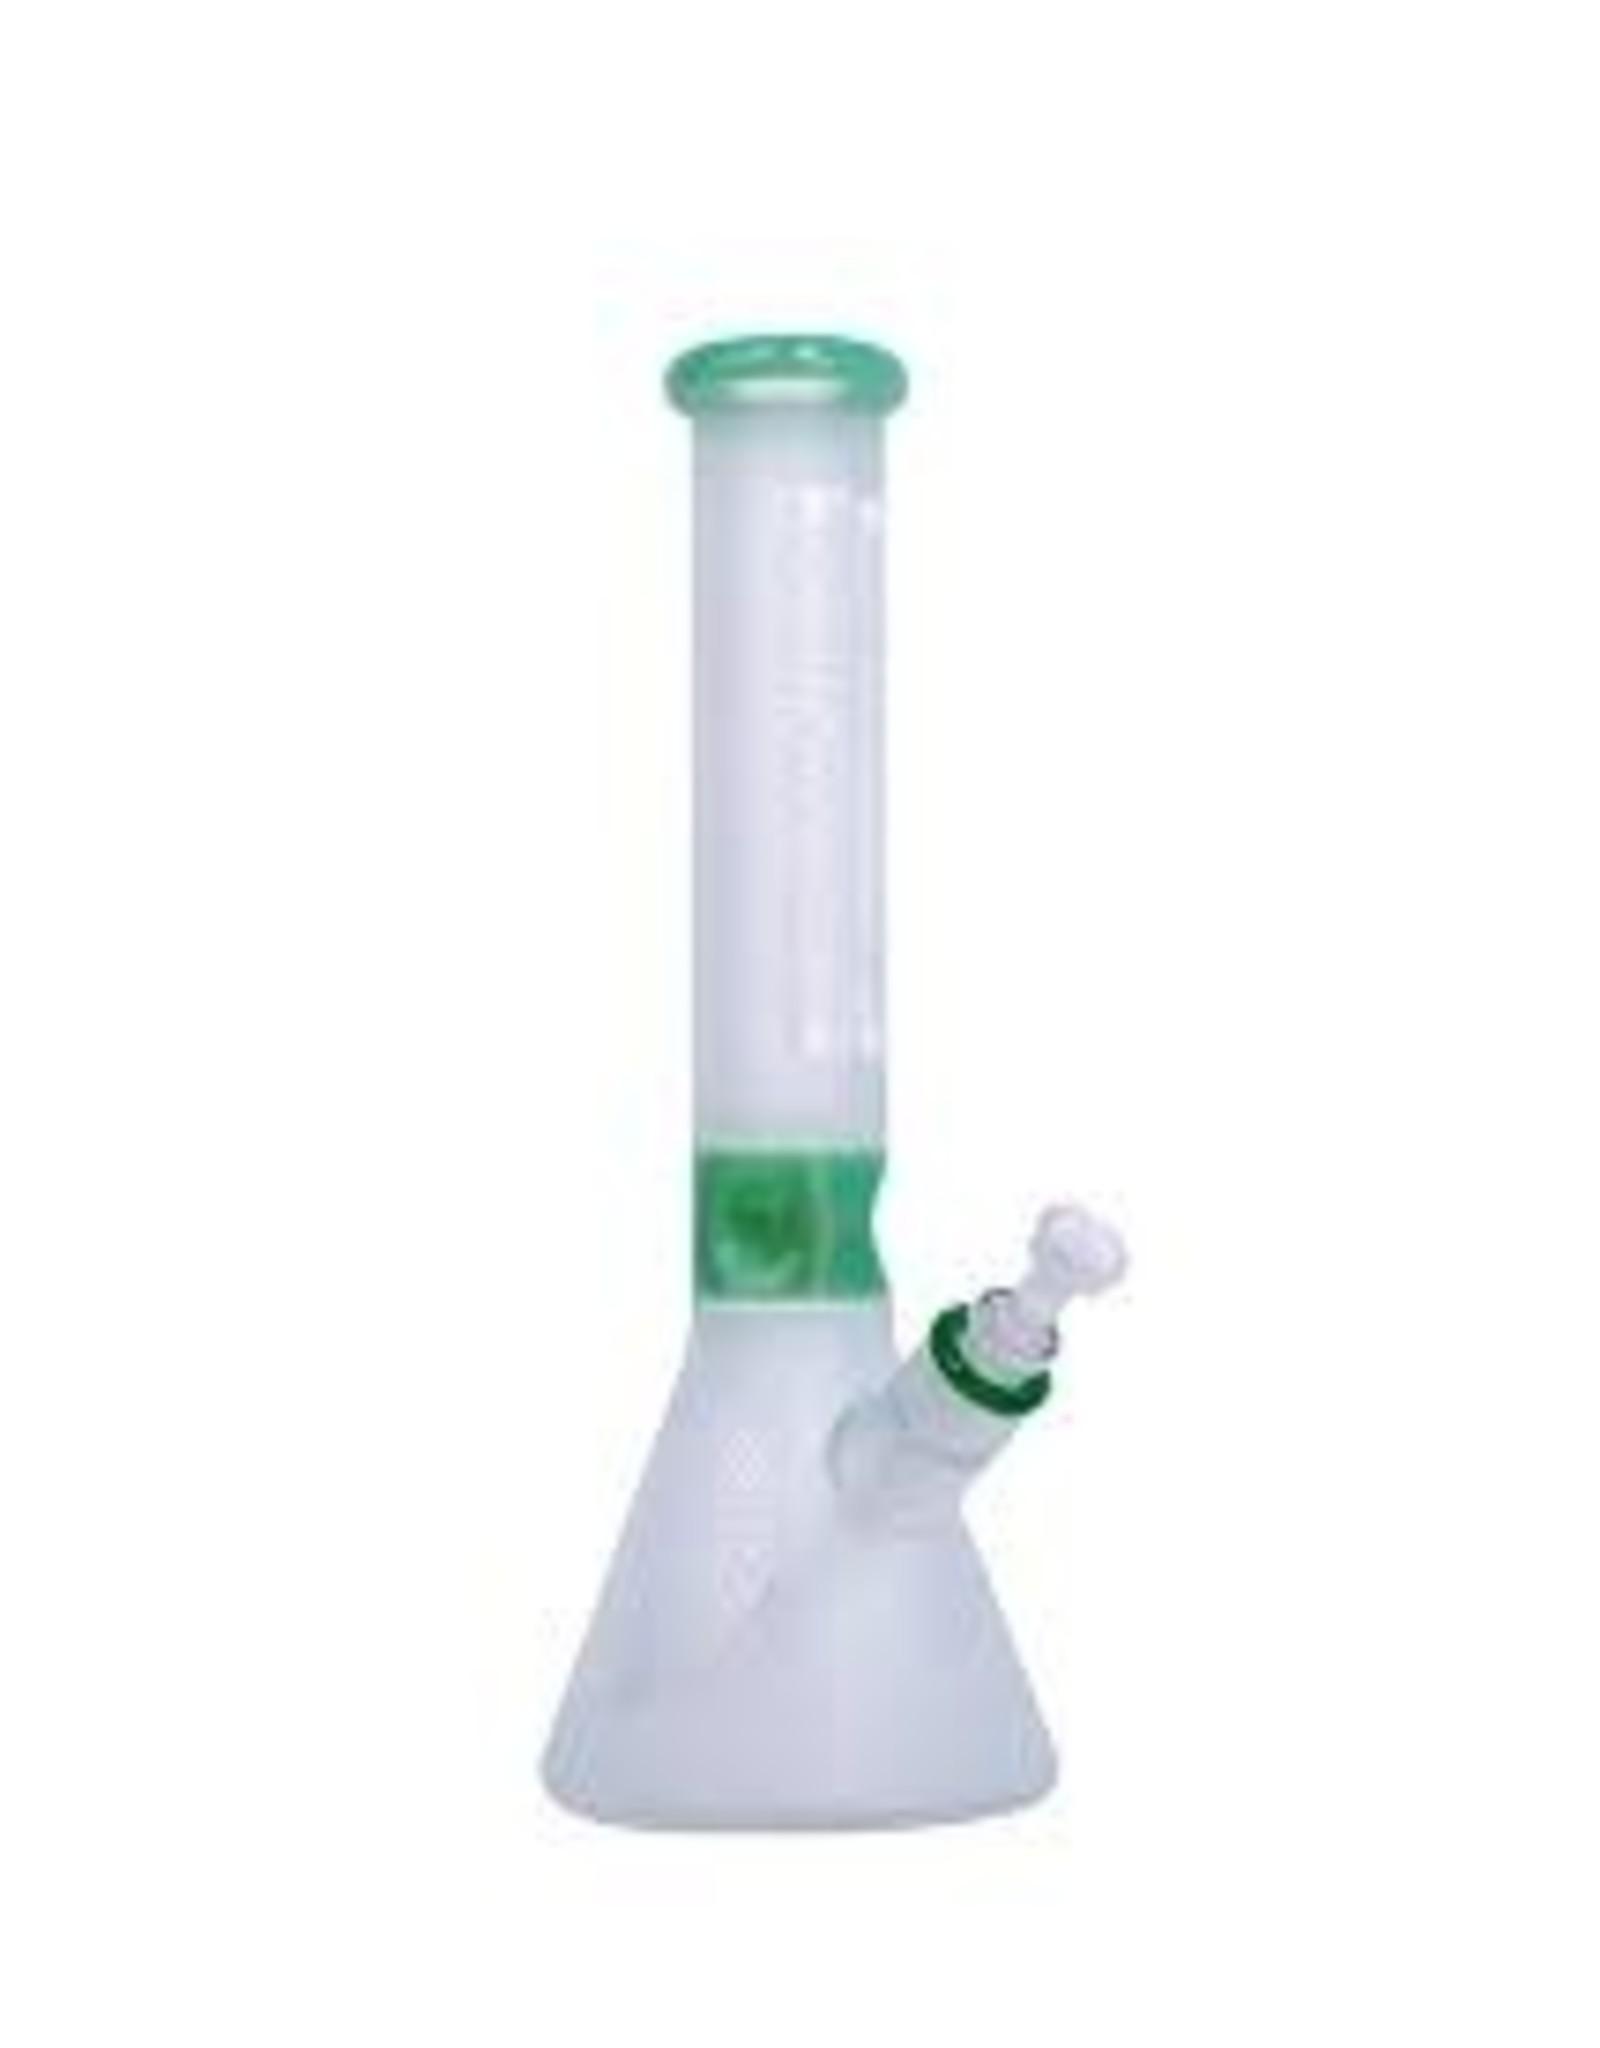 """CHEECH GLASS CHEECH GLASS CHE-017 SAND BLASTED 14"""""""